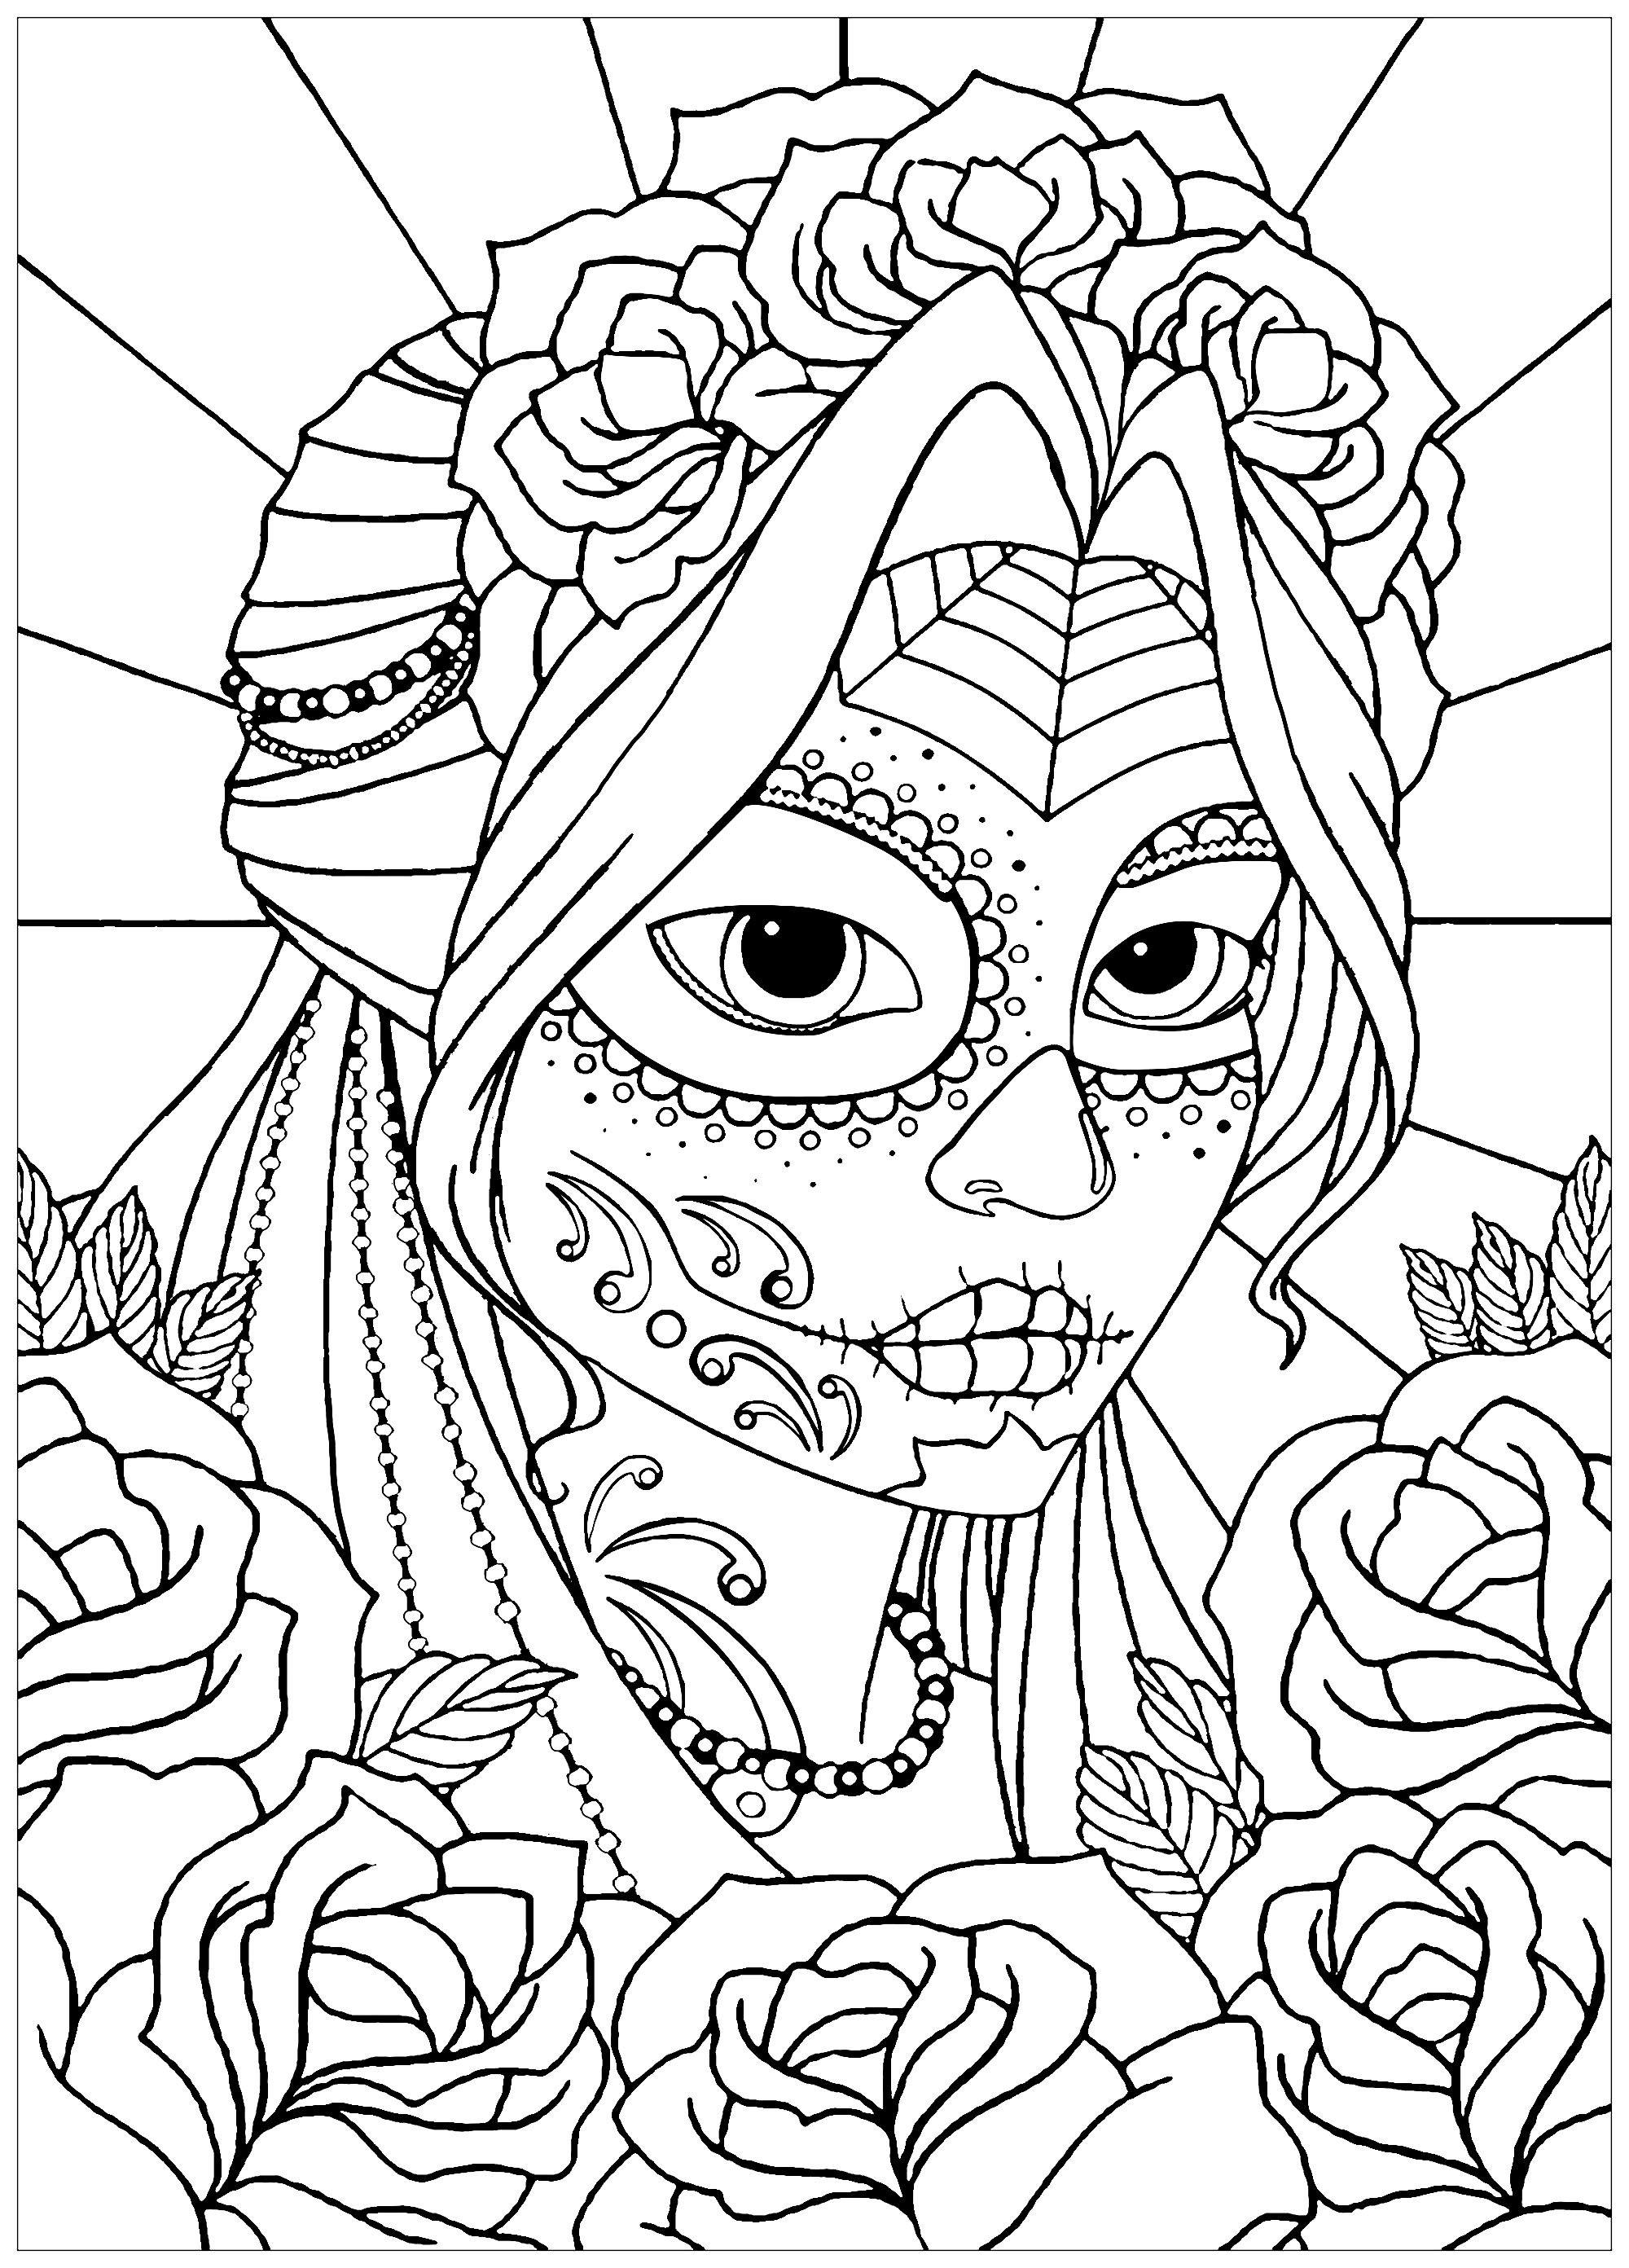 Woman El Dia De Los Muertos El Dia De Los Muertos Coloring Pages